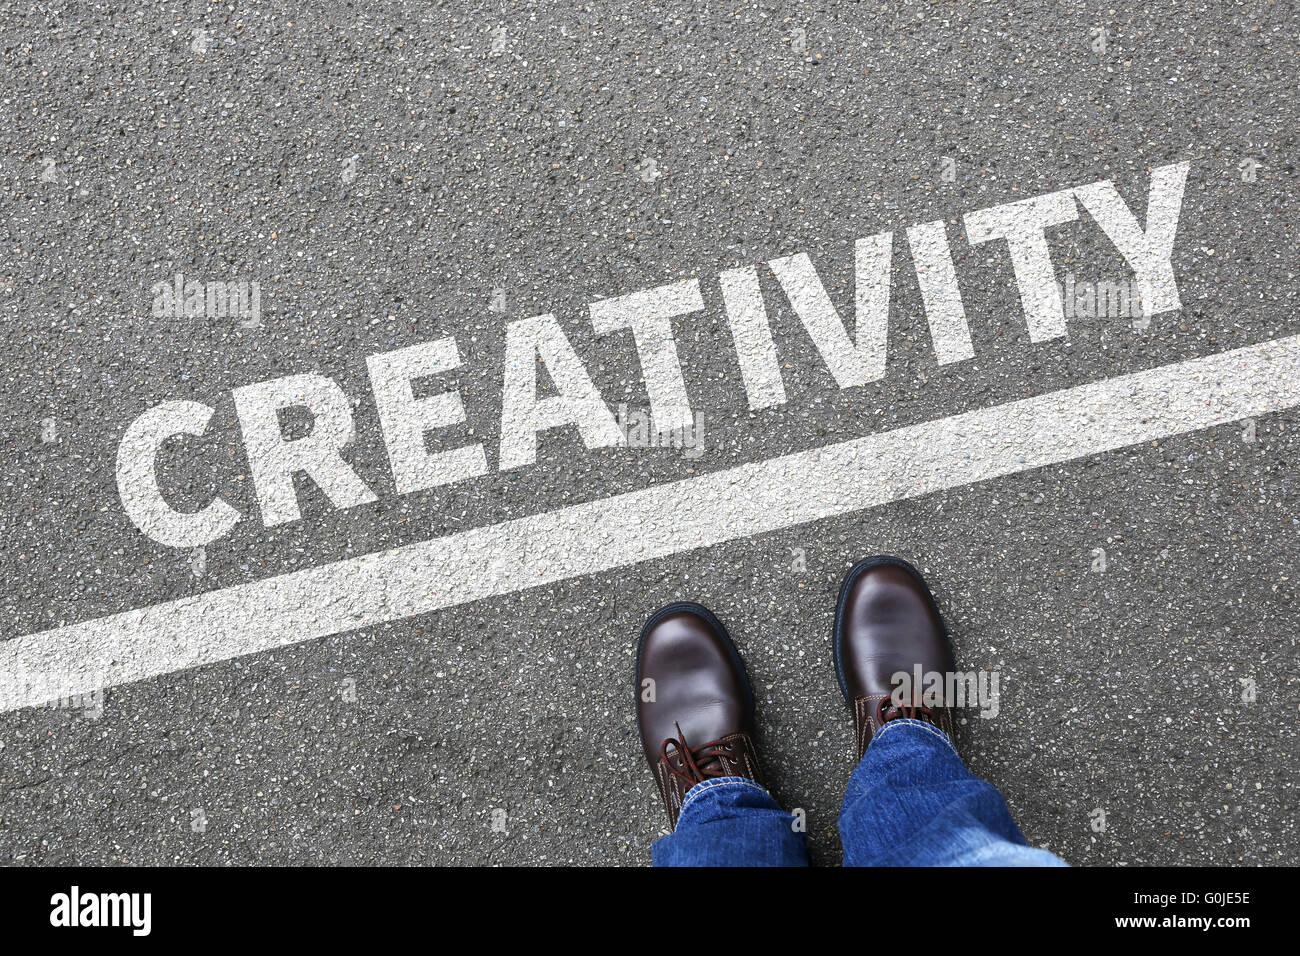 Creatividad creatividad imagine la imaginación pensando ideas éxito empresario exitoso concepto de negocio Imagen De Stock